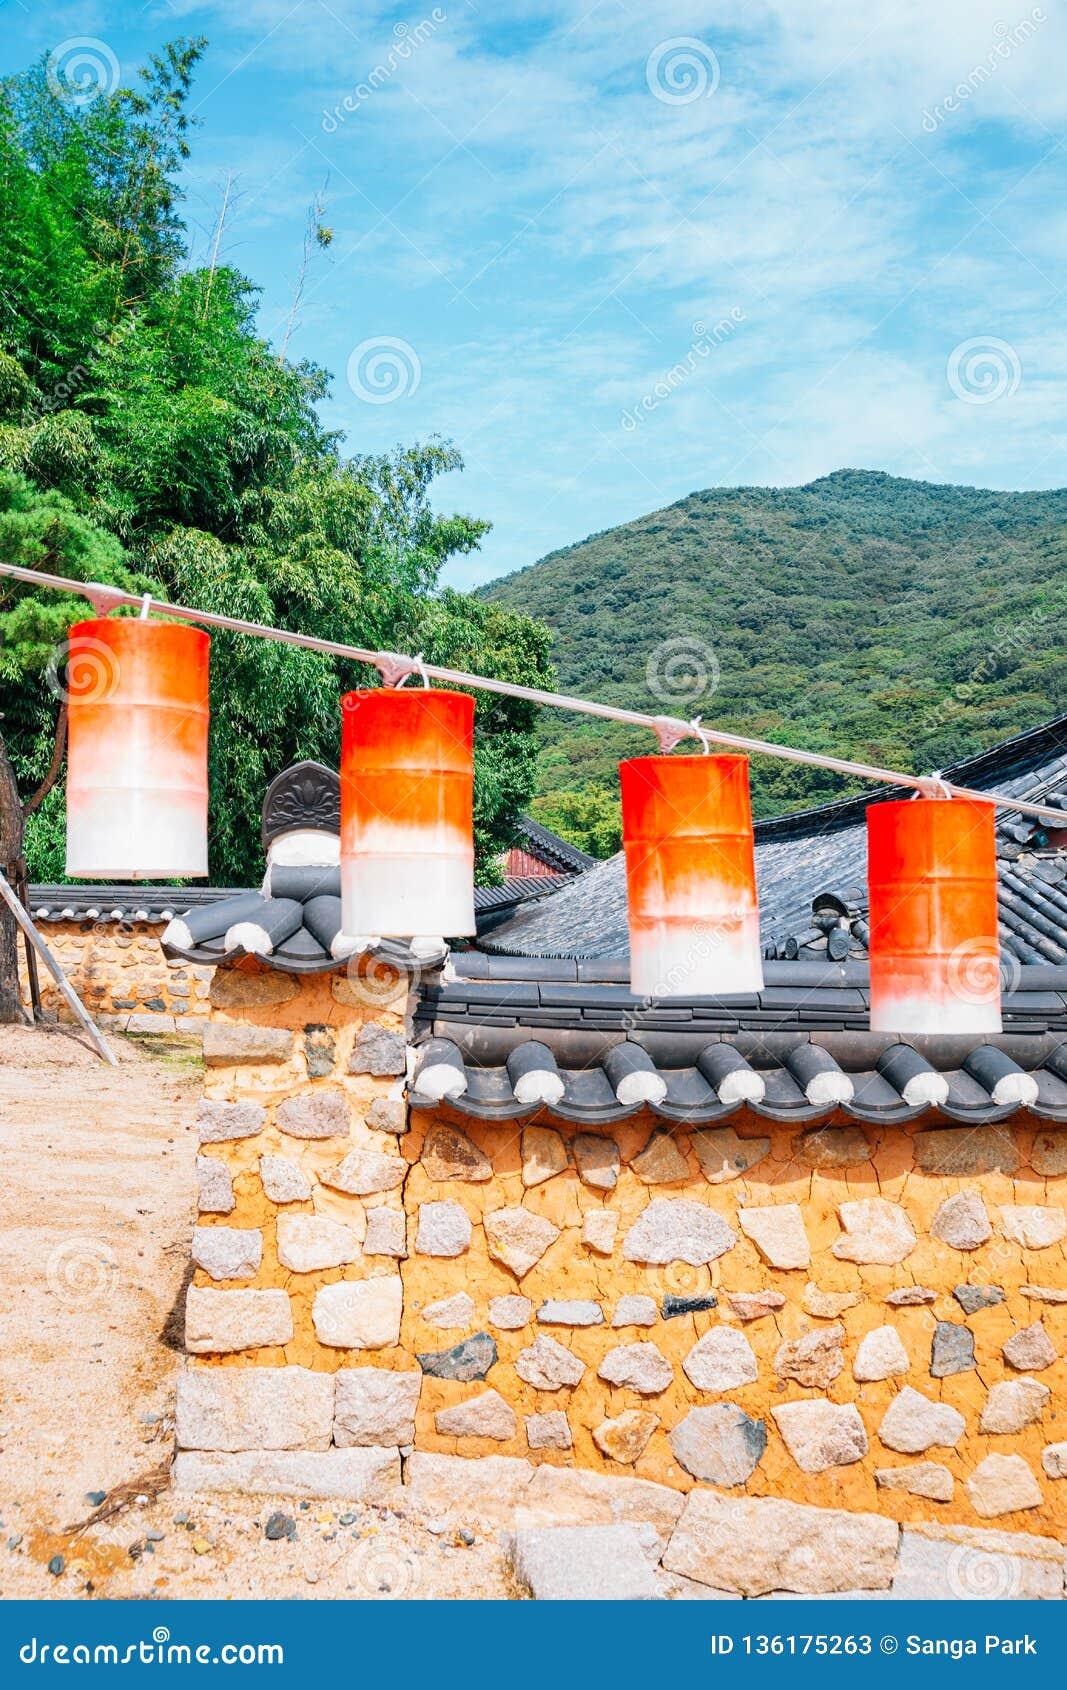 Linternas coloridas y pared de piedra tradicional coreana en el templo de Beomeosa en Busán, Corea